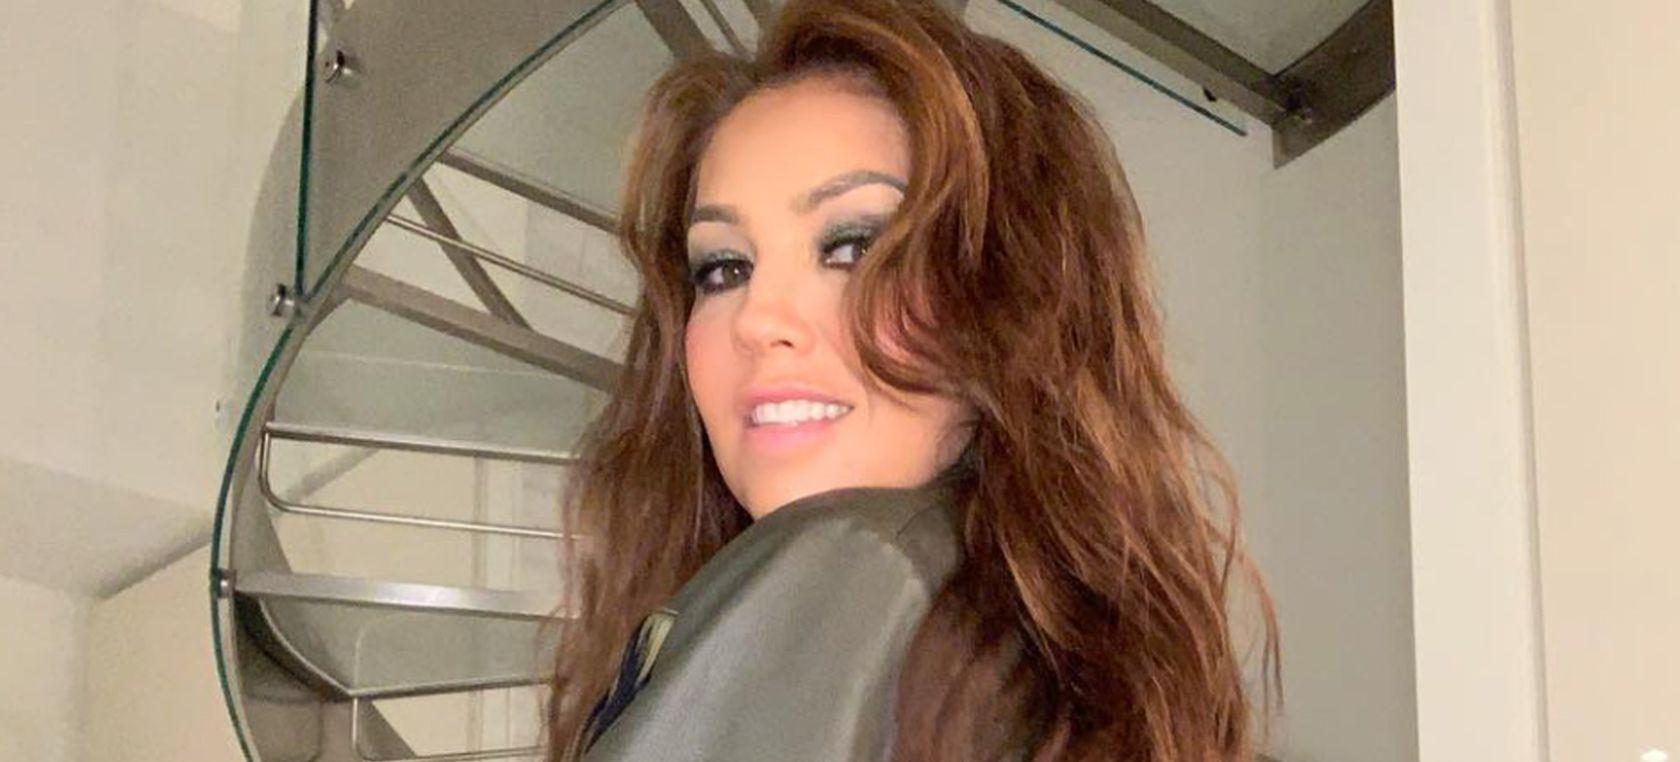 Thalía Se Desnuda En Instagram Actualidad Los40 México